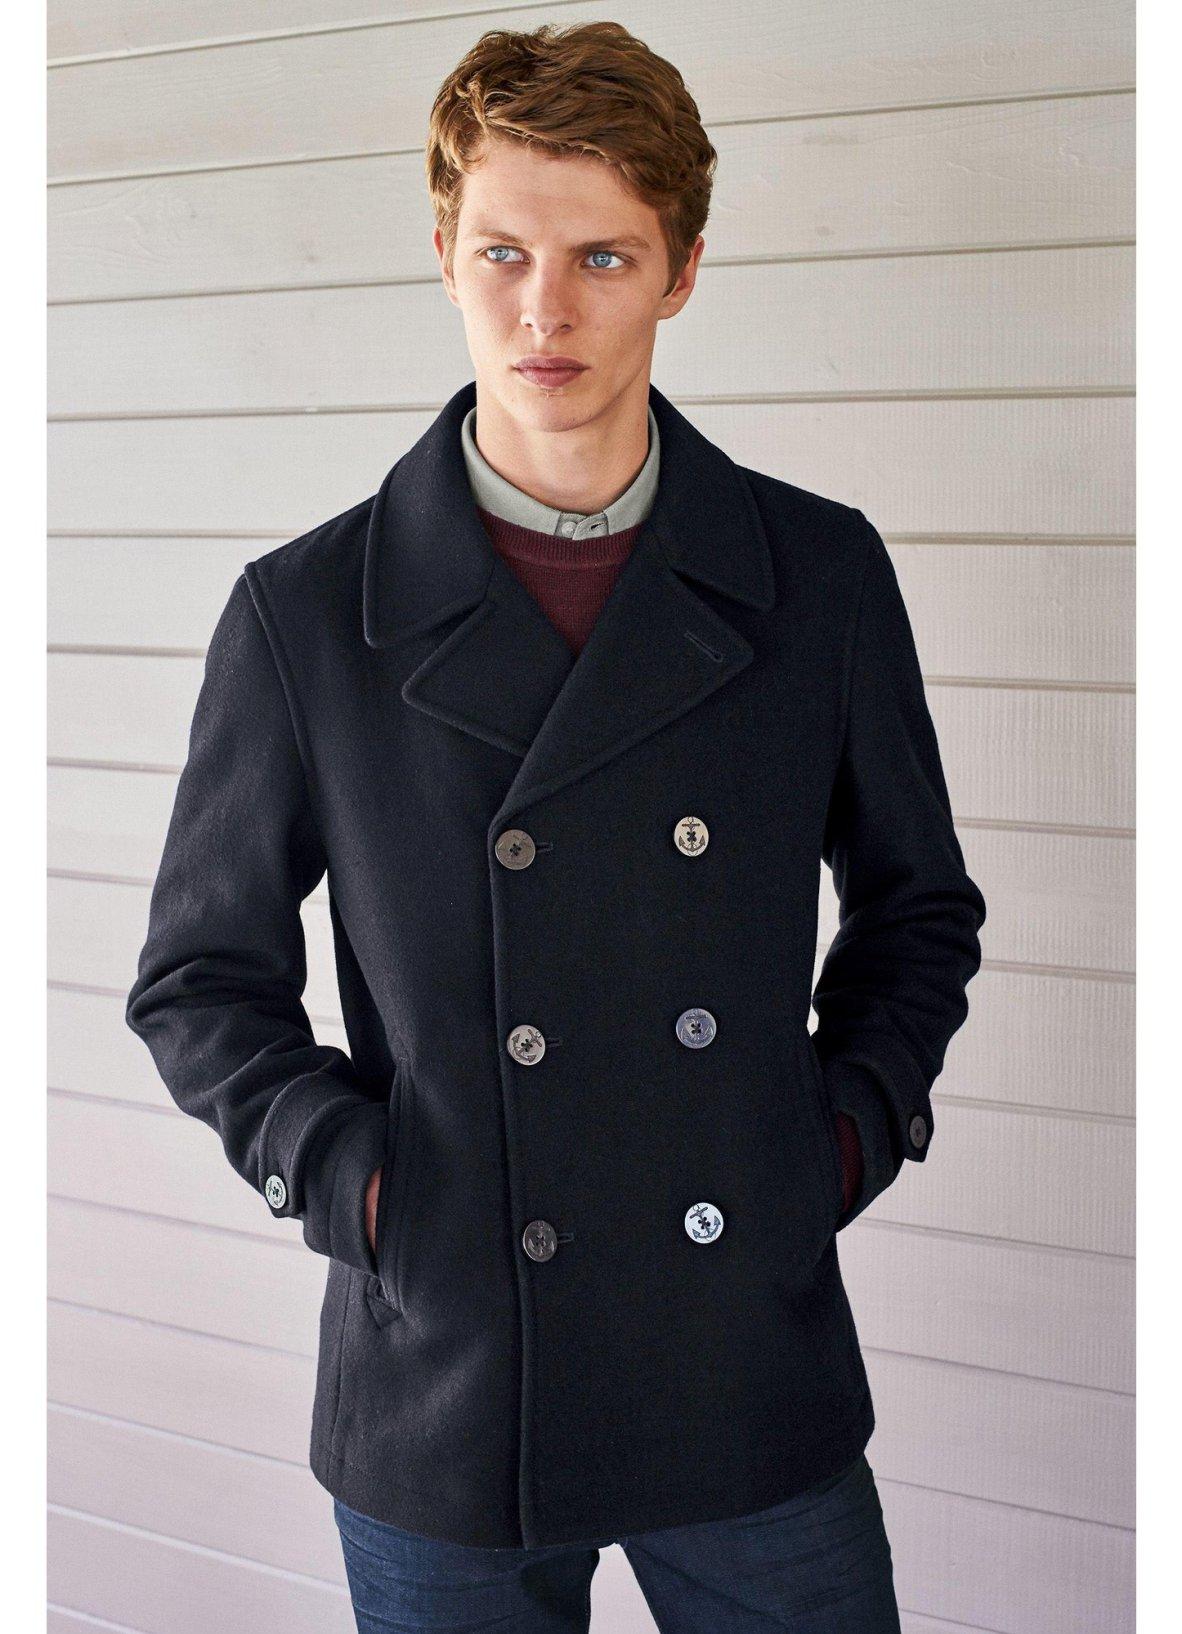 Le caban homme cintré est un genre de manteau très prisé en hiver 3d16c9e72a4f